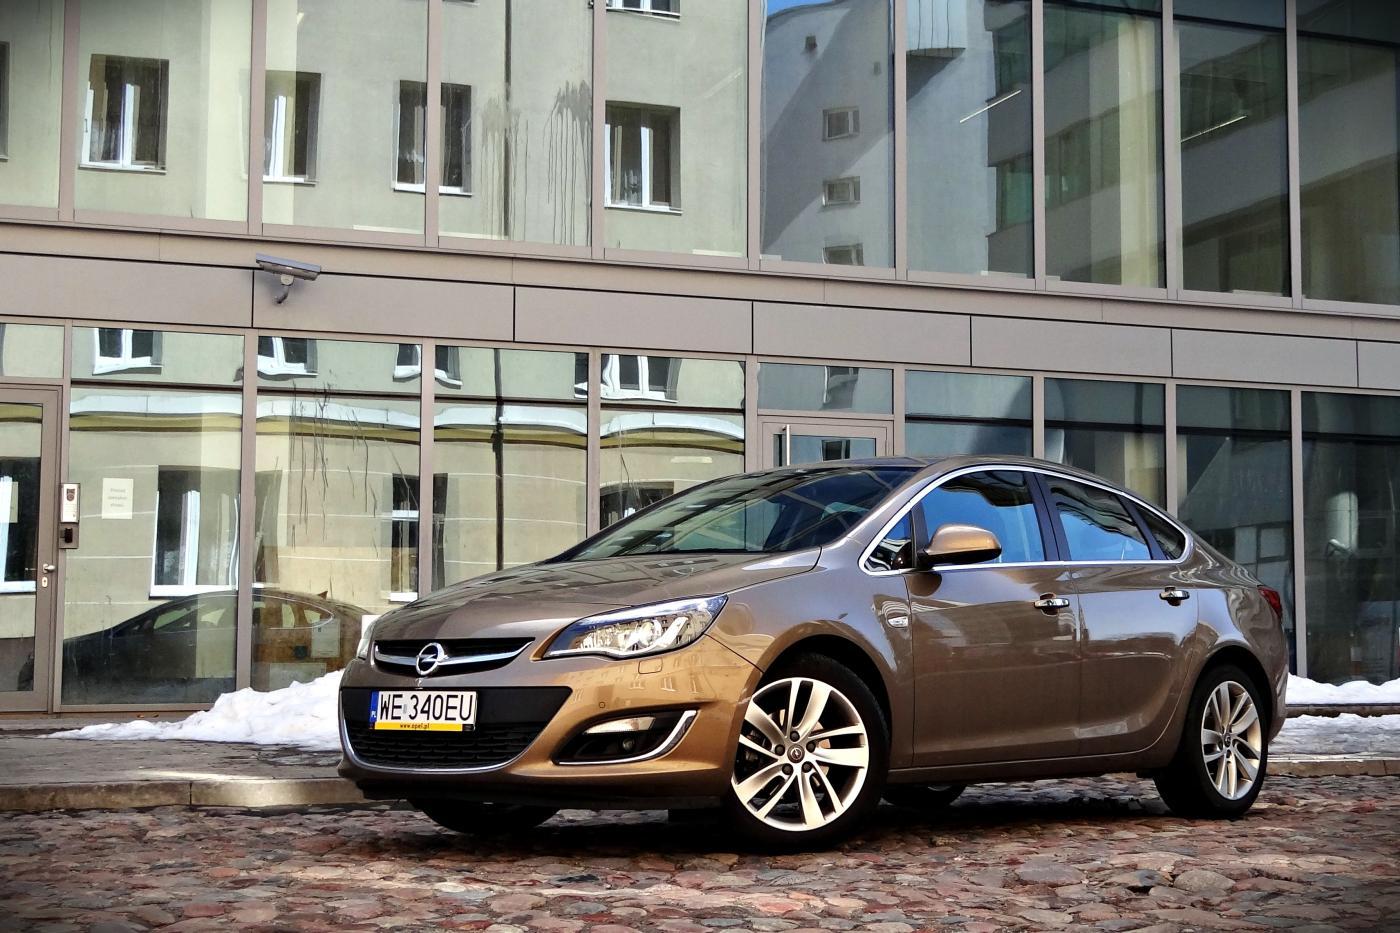 Opel Astra Sedan 17 Cdti Test Opinie Zdjęcia Dziennik Dzień 1